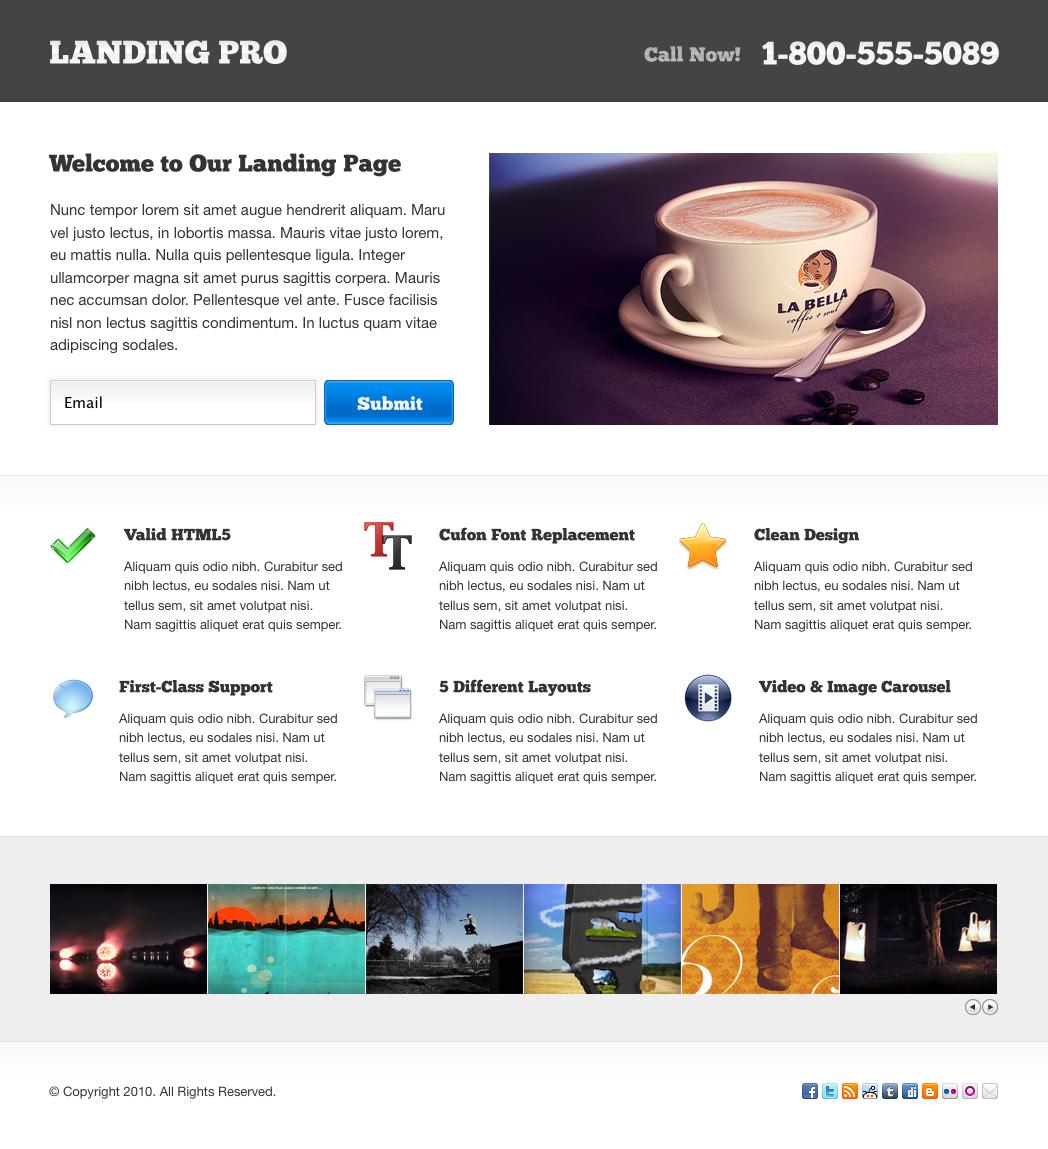 LandingPro Landing Page